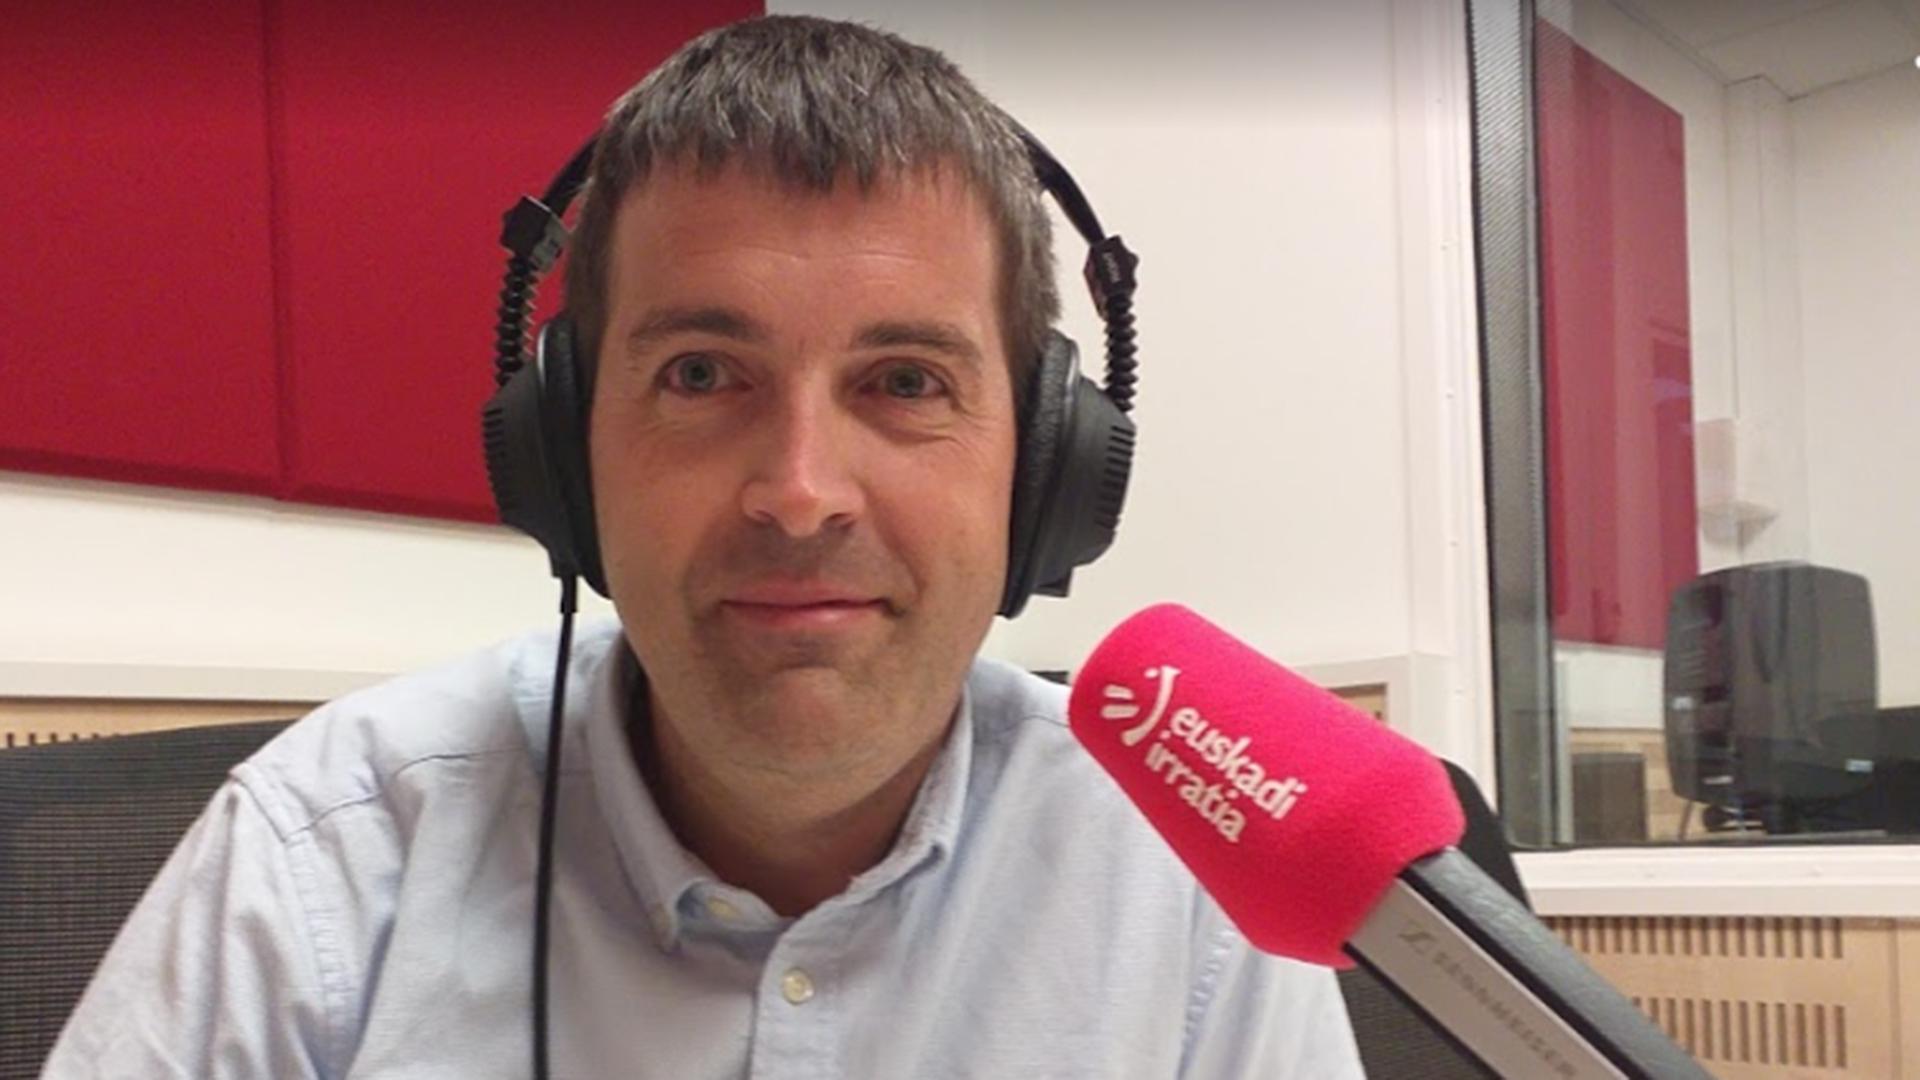 Xabier Gorrrotxategi, de LKS KREAN, habla en Euskadi Irratia sobre proyectos de recuperación de riveras de río.